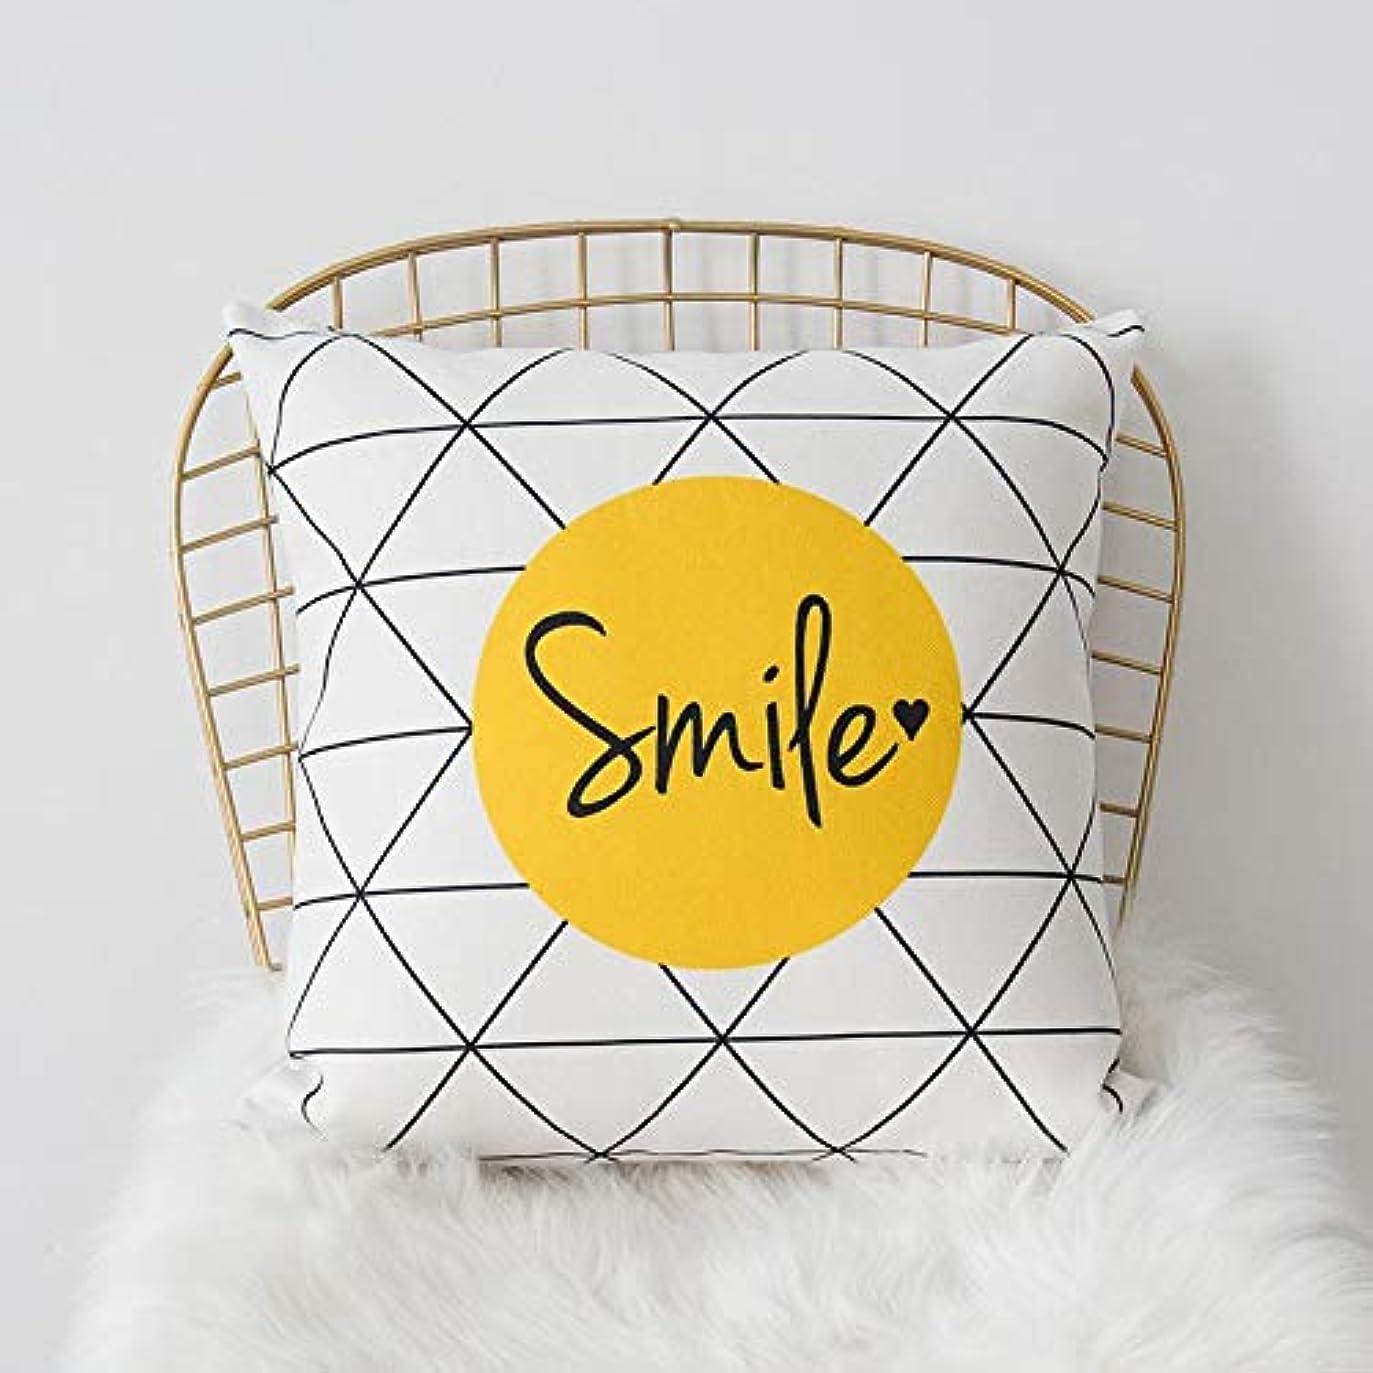 喪楽しむ摂氏SMART 黄色グレー枕北欧スタイル黄色ヘラジカ幾何枕リビングルームのインテリアソファクッション Cojines 装飾良質 クッション 椅子